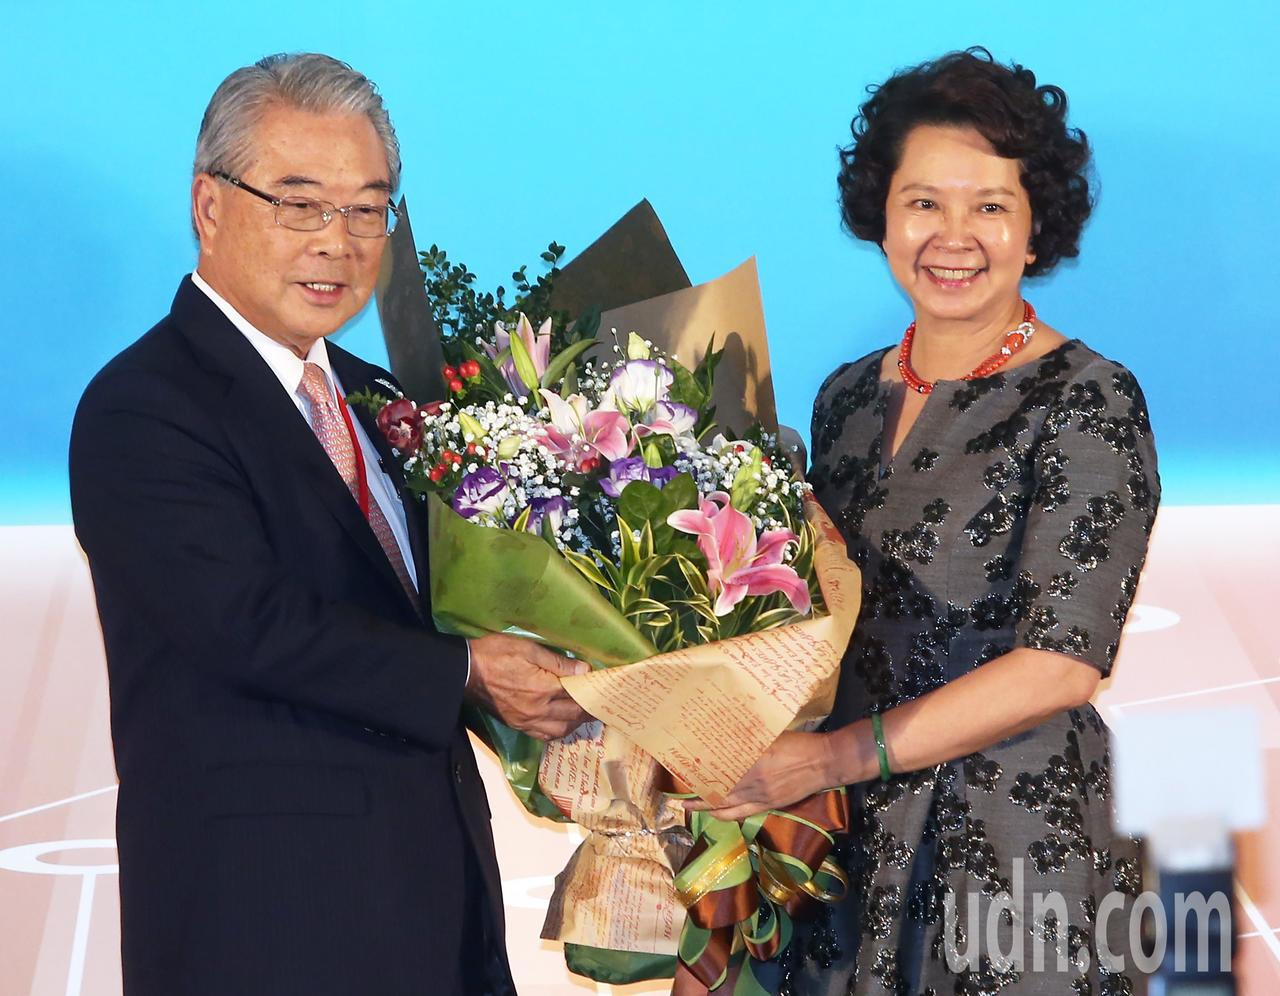 金仁寶集團董事長許勝雄(左)今天獲頒「潘文淵獎」,夫人親自獻花。記者胡經周/攝影